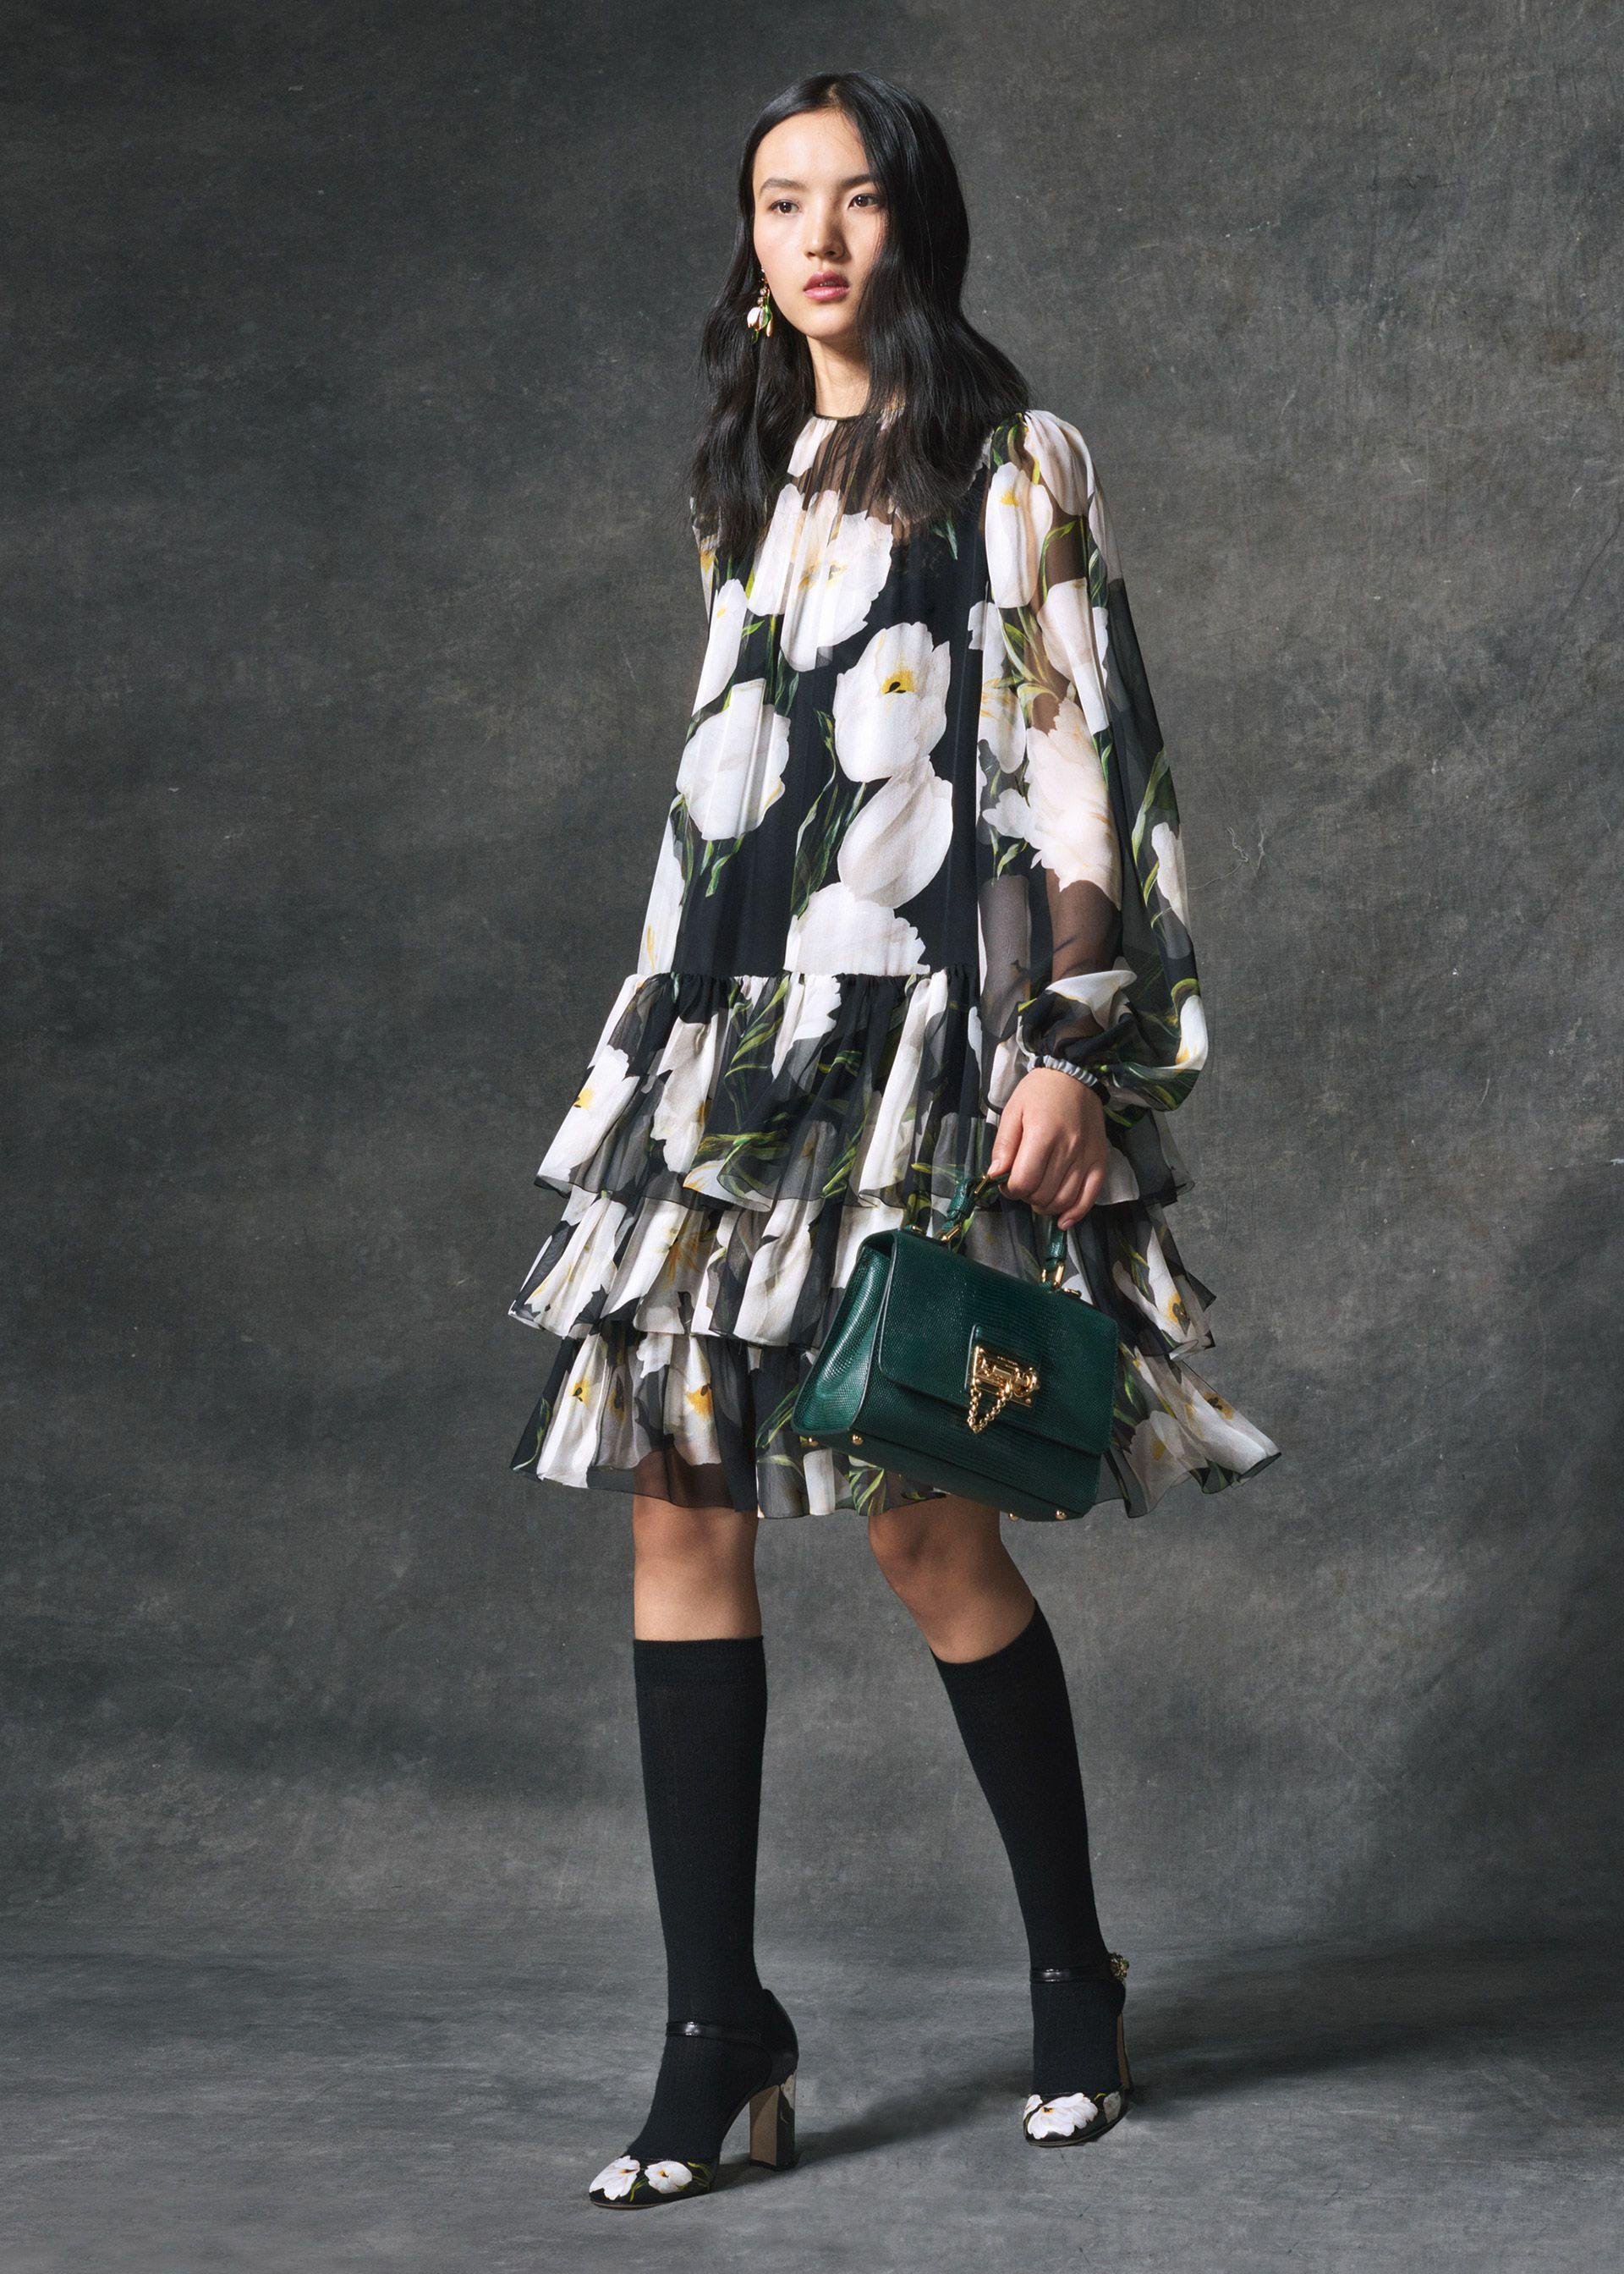 d5fe8c96cfc9 Scopri Dolce   Gabbana Collezione Donna Autunno Inverno 2016 2017 Tulipani  e lasciati ispirare.